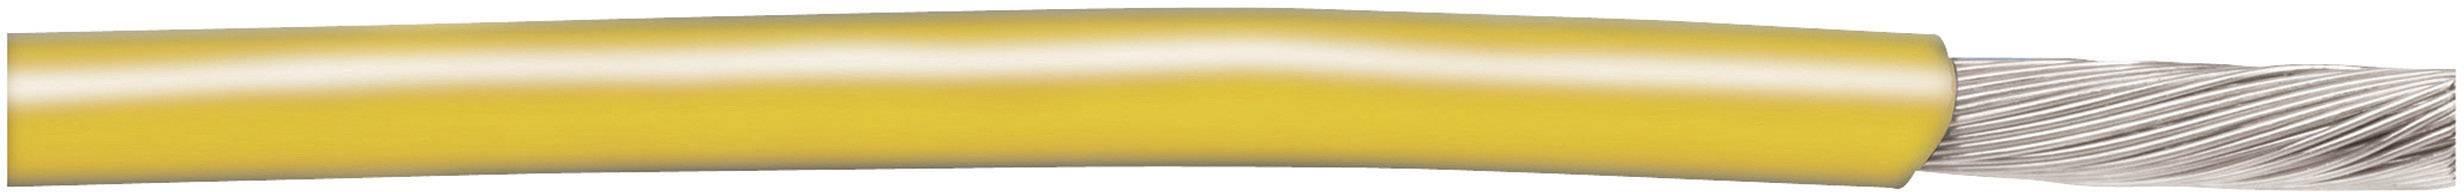 Opletenie / lanko AlphaWire 3055 GR001 1 x 0.82 mm², vonkajší Ø 2 mm, metrový tovar, zelená